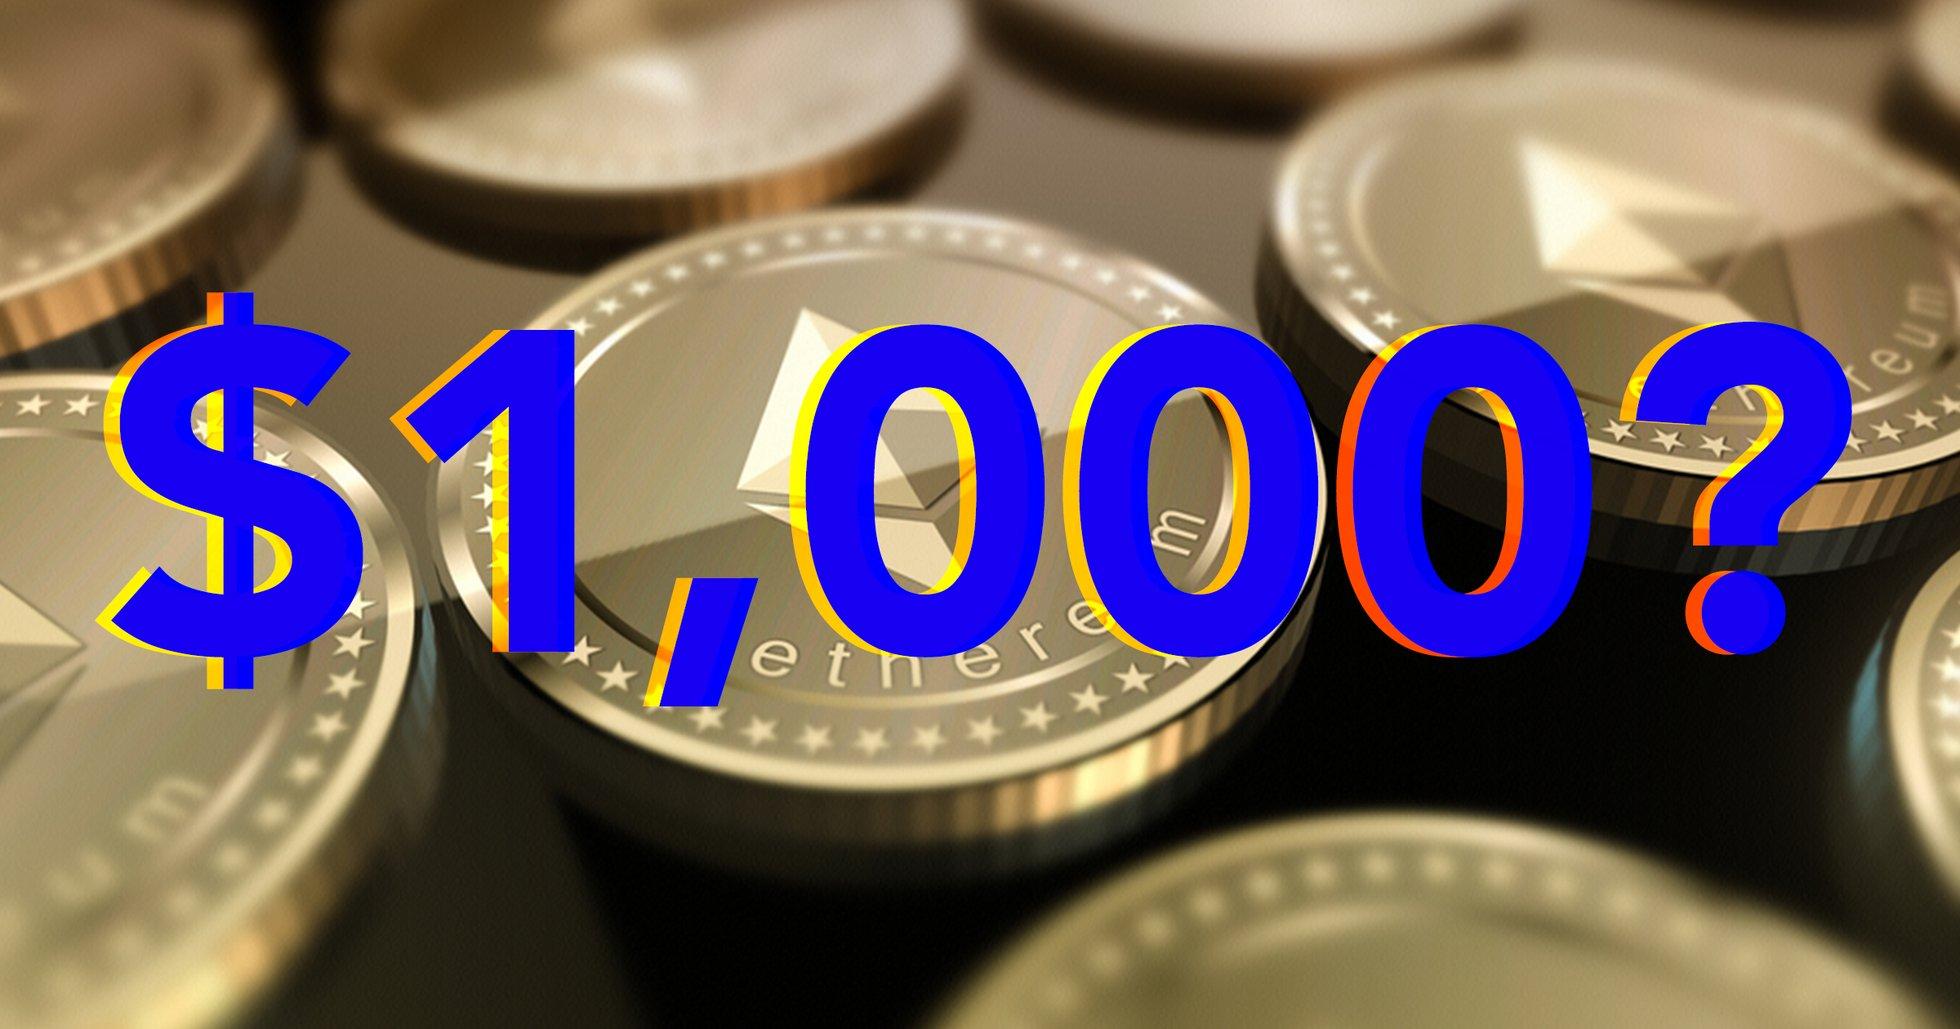 Ny opinionsundersökning: Ethereum kommer att nå 1 000 dollar igen